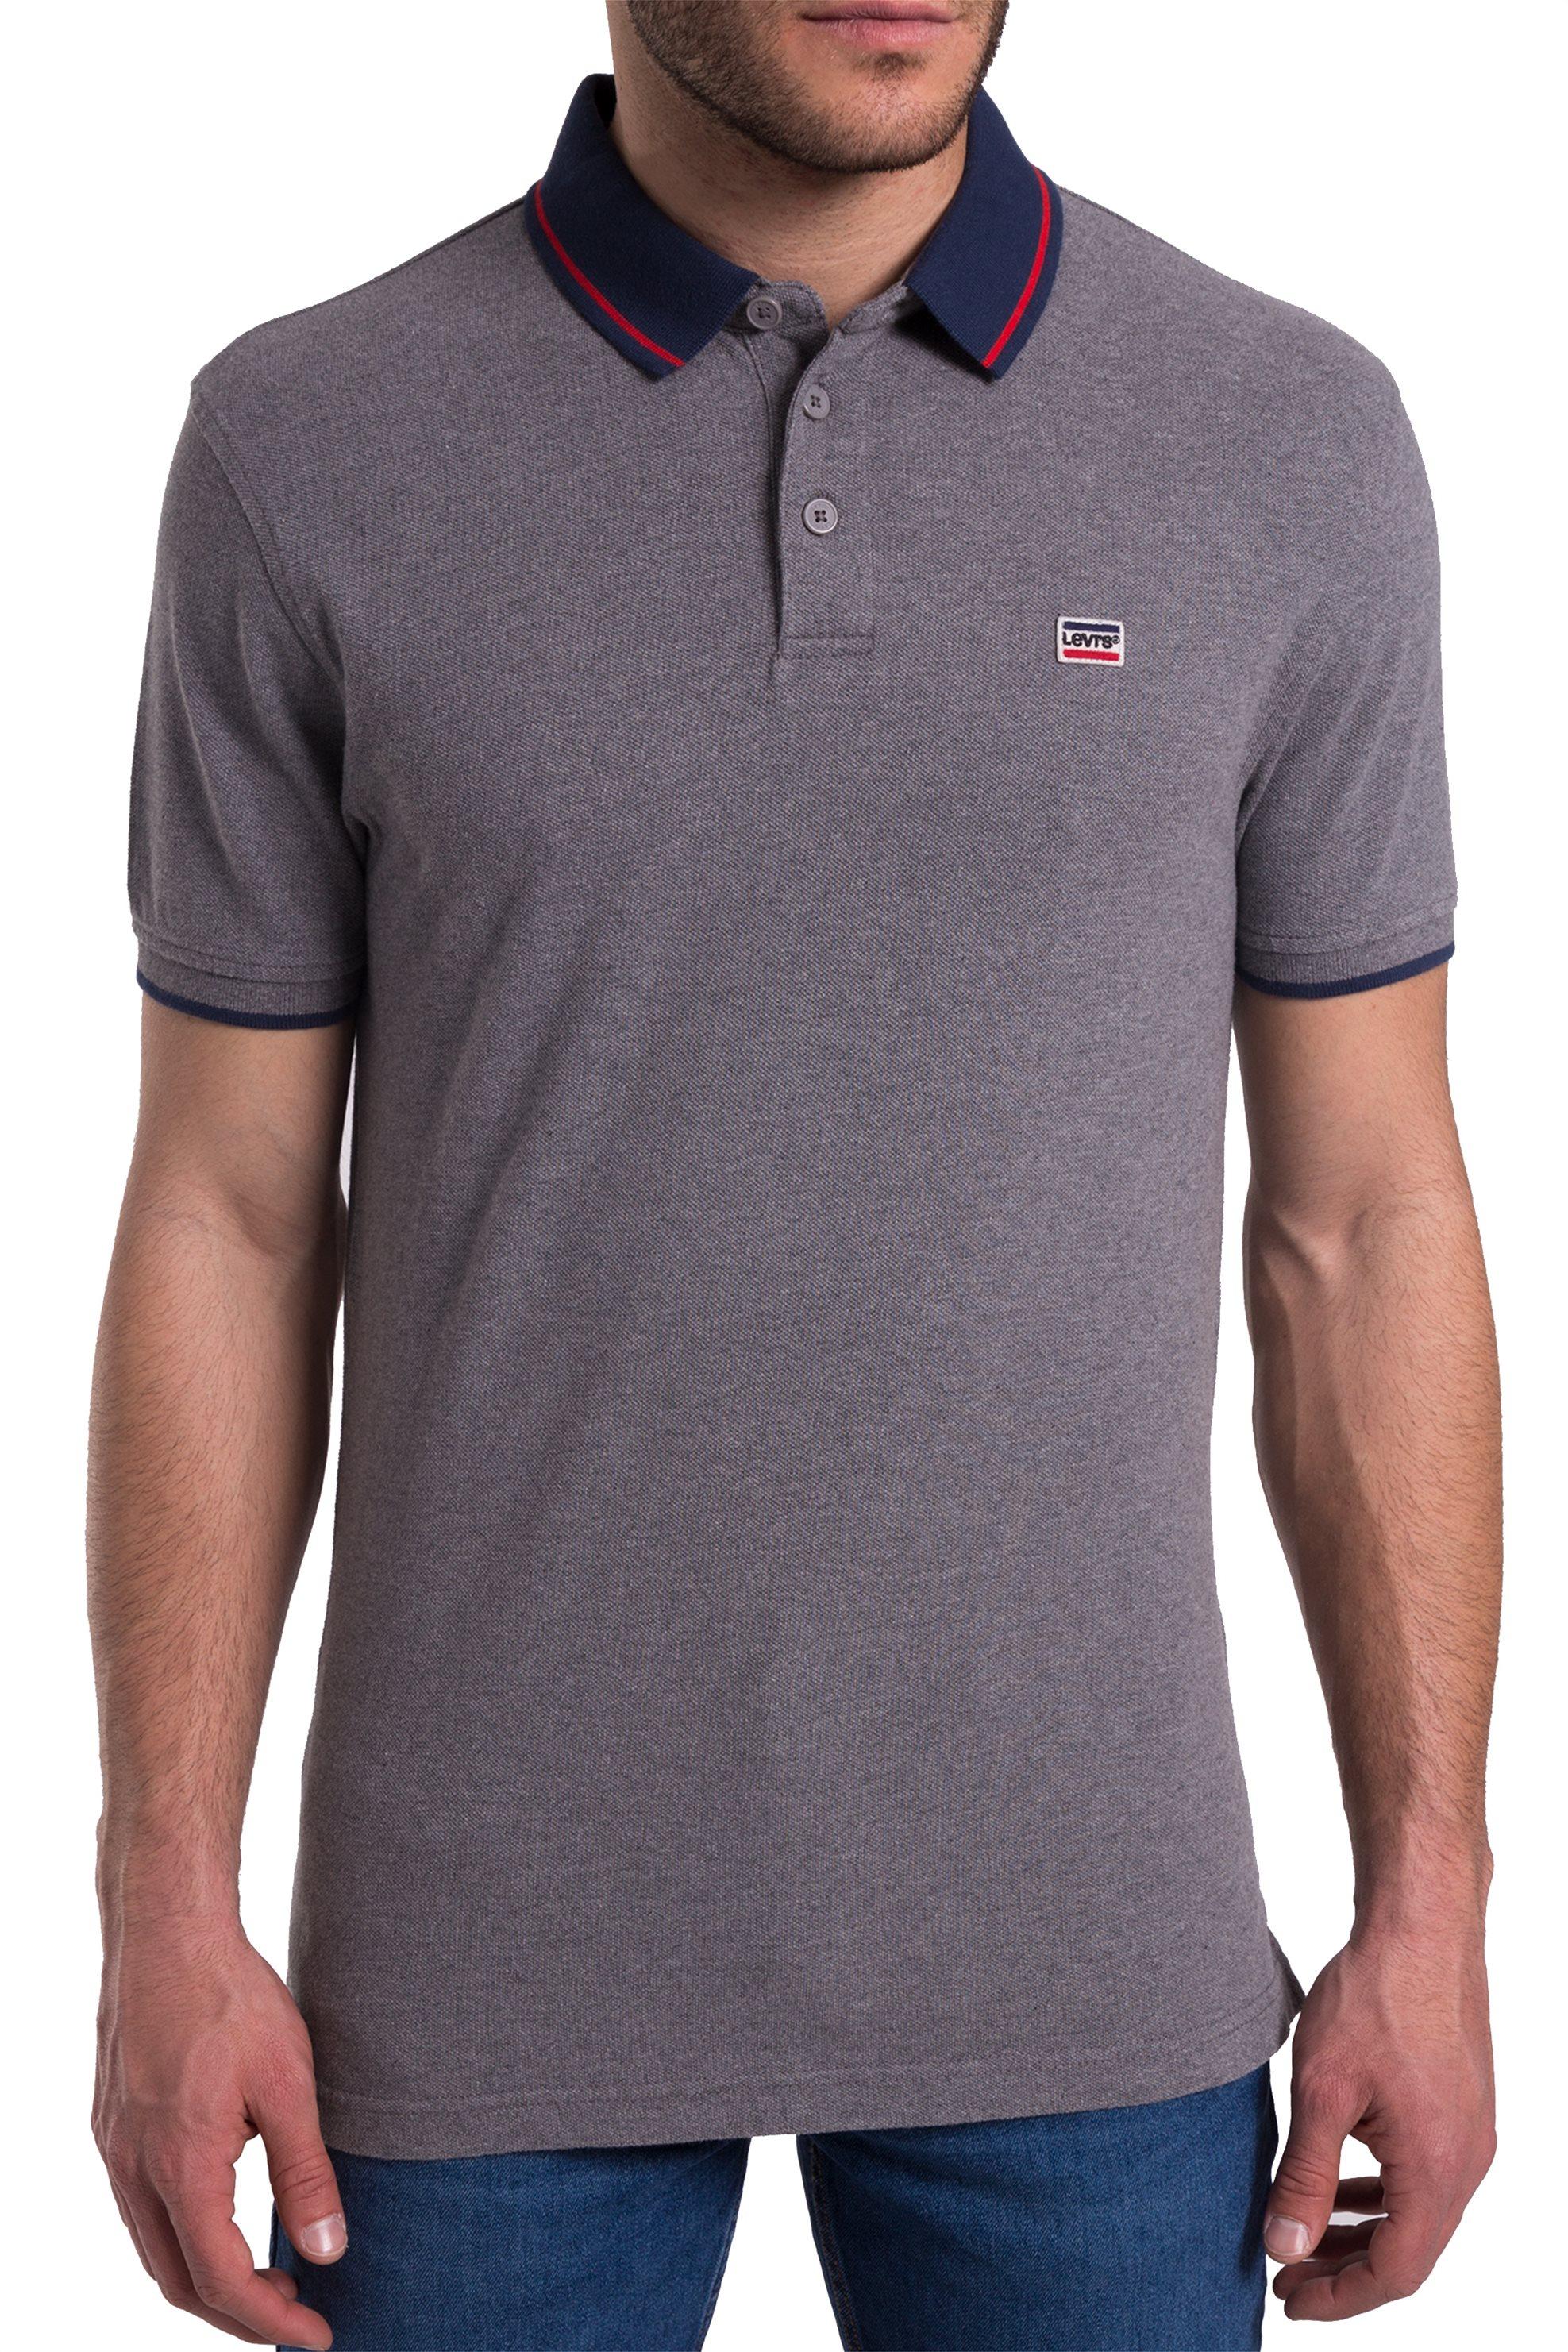 34f561c27ec4 Update   Ανδρικό καρό πουκάμισο The Bostonians - AACH7261 - Πράσινο ...